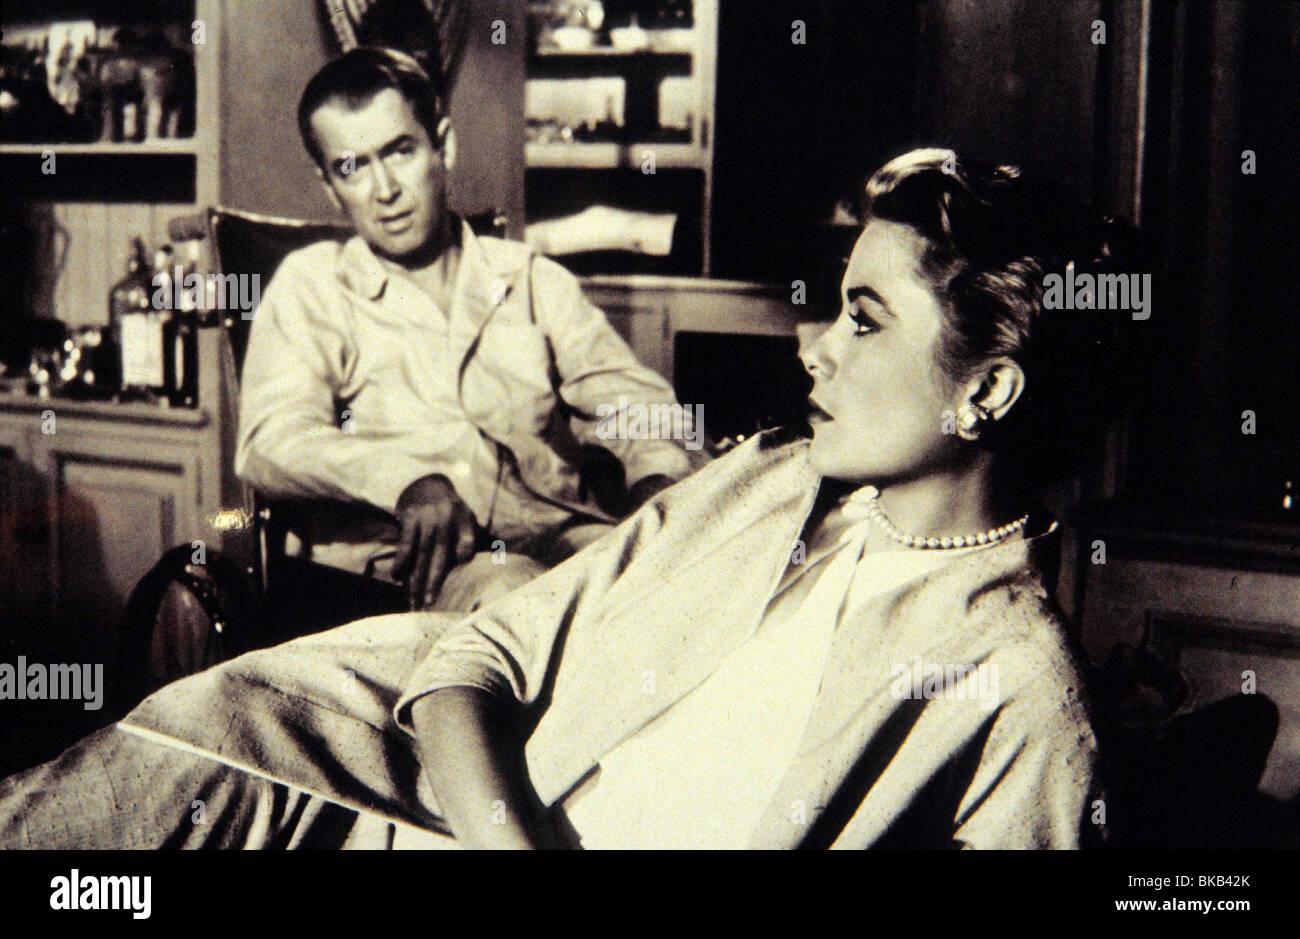 REAR WINDOW (1954) JAMES STEWART, GRACE KELLY RRW 003 - Stock Image